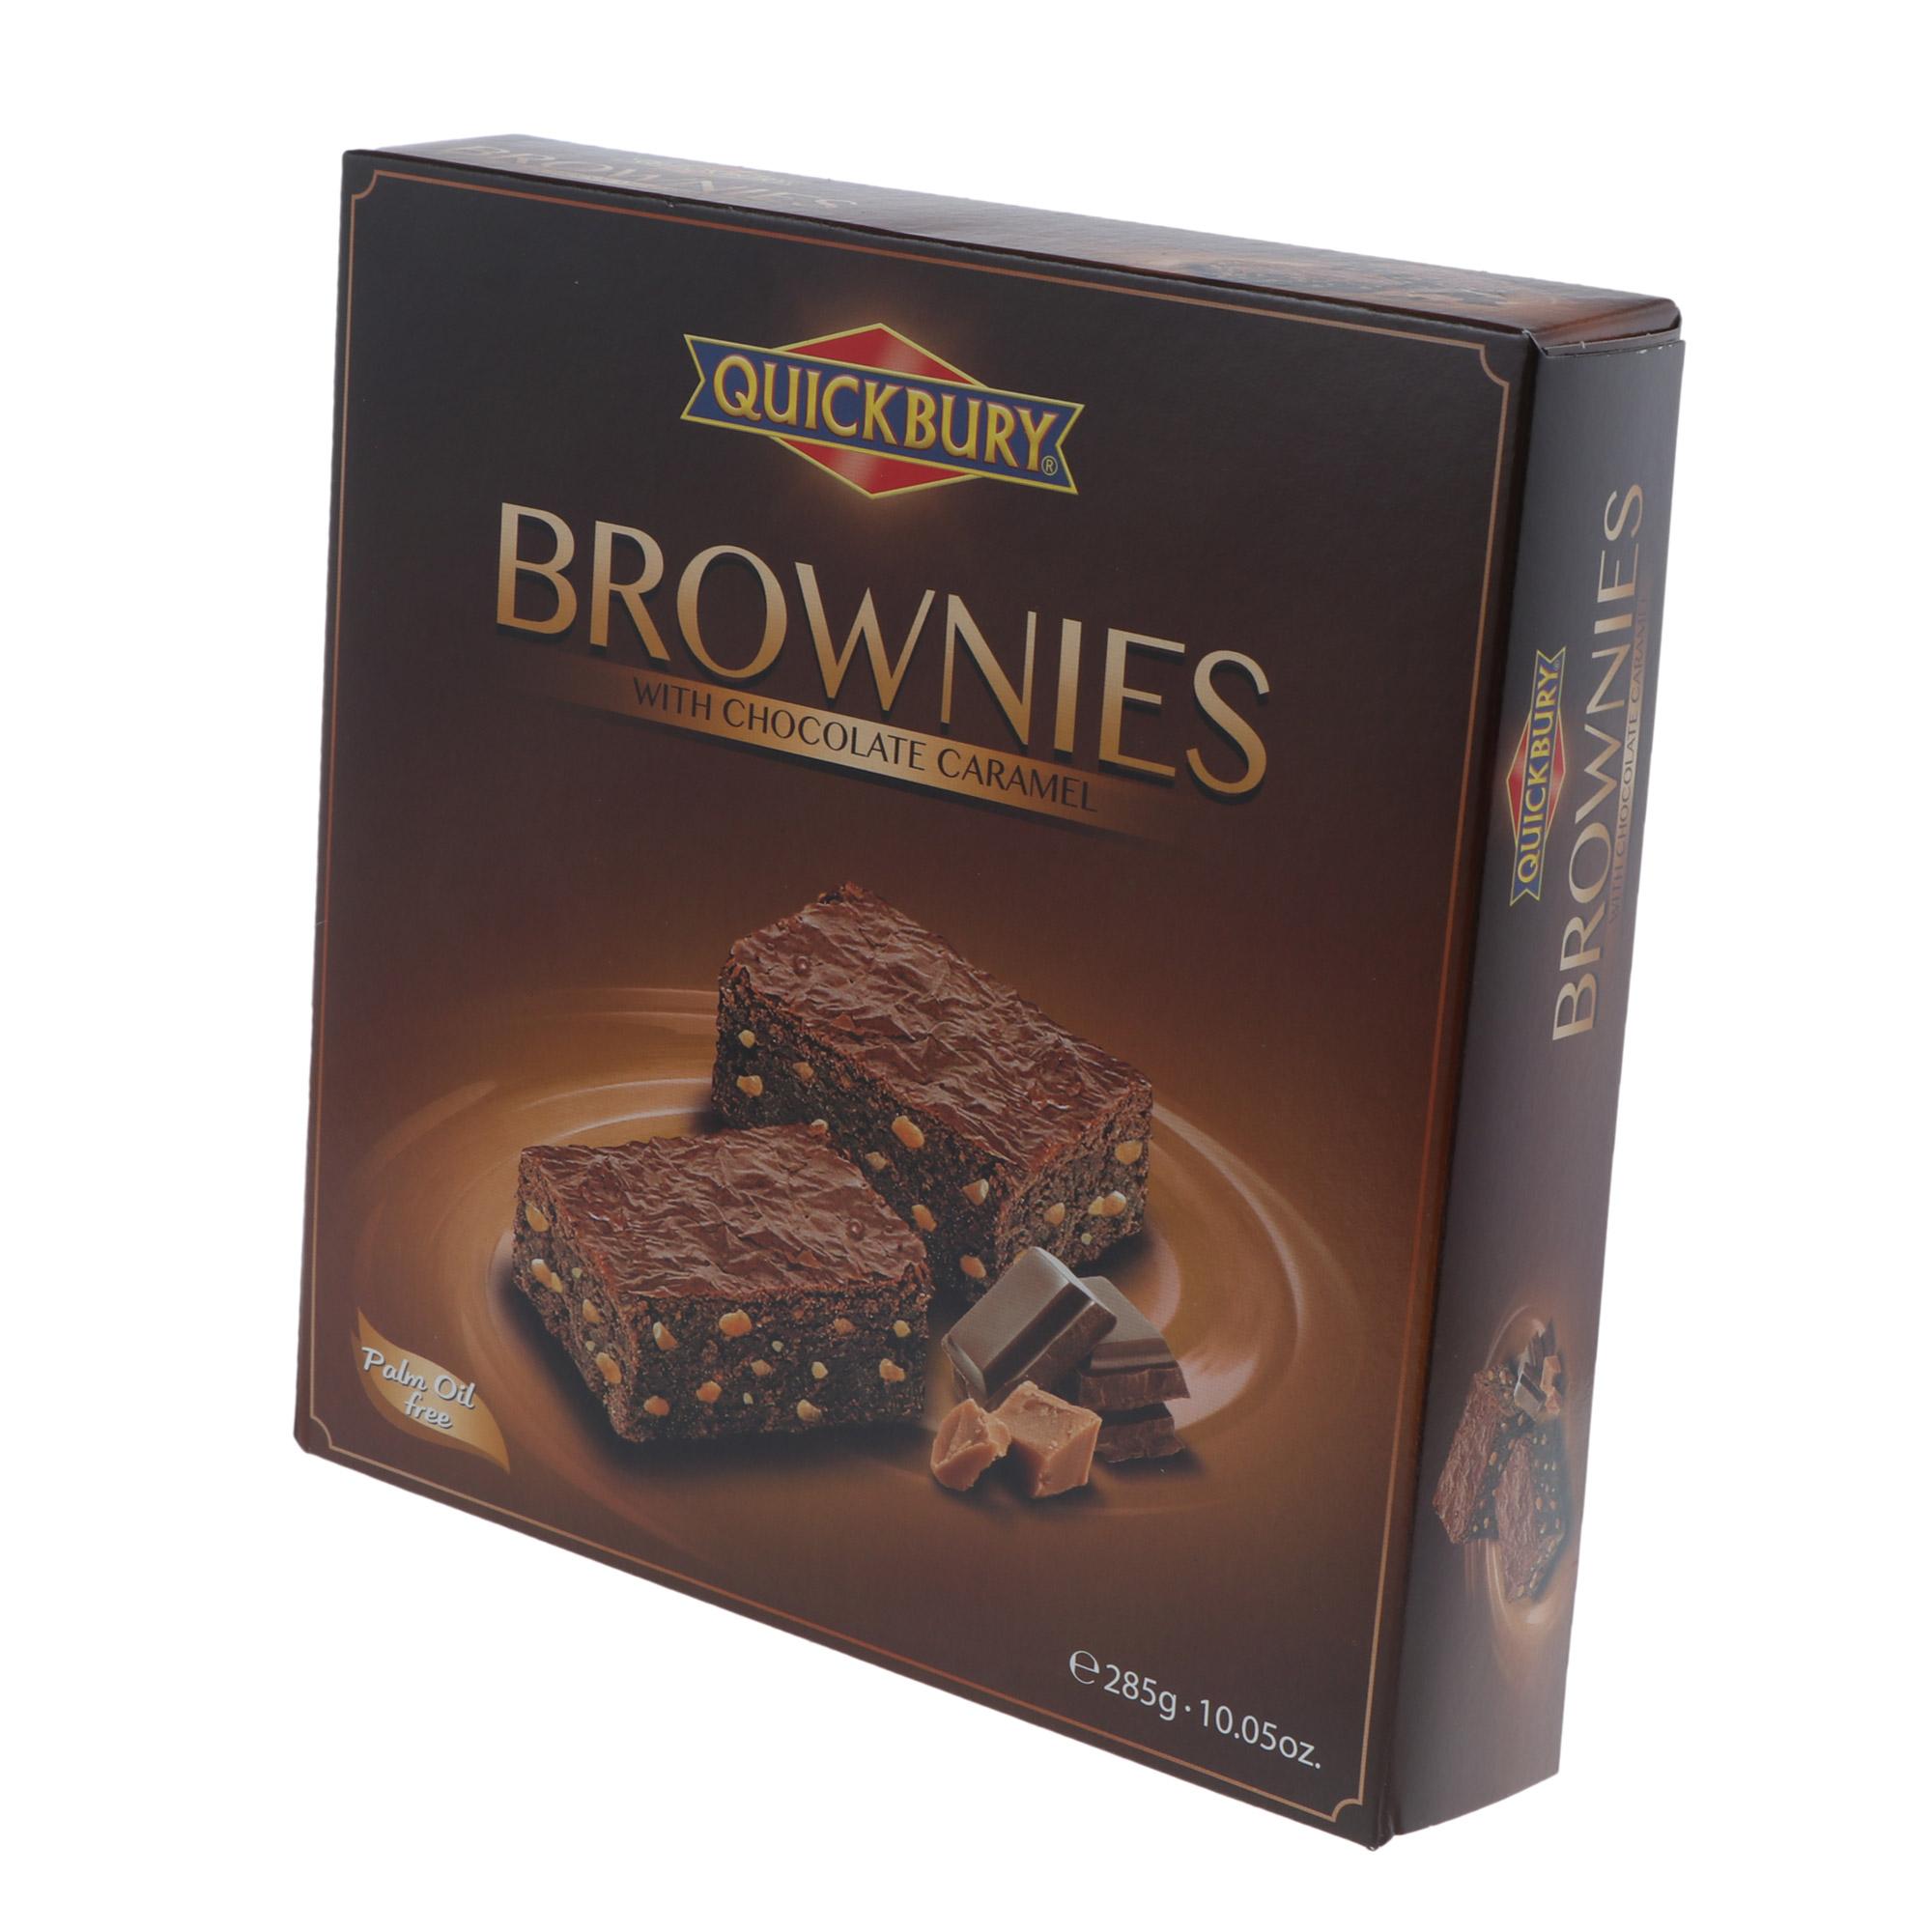 Пирожное Брауни Quickbury шоколад-карамель 285 г ферреро бзмж пирожное киндер макс кинг шоколад карамель 35г